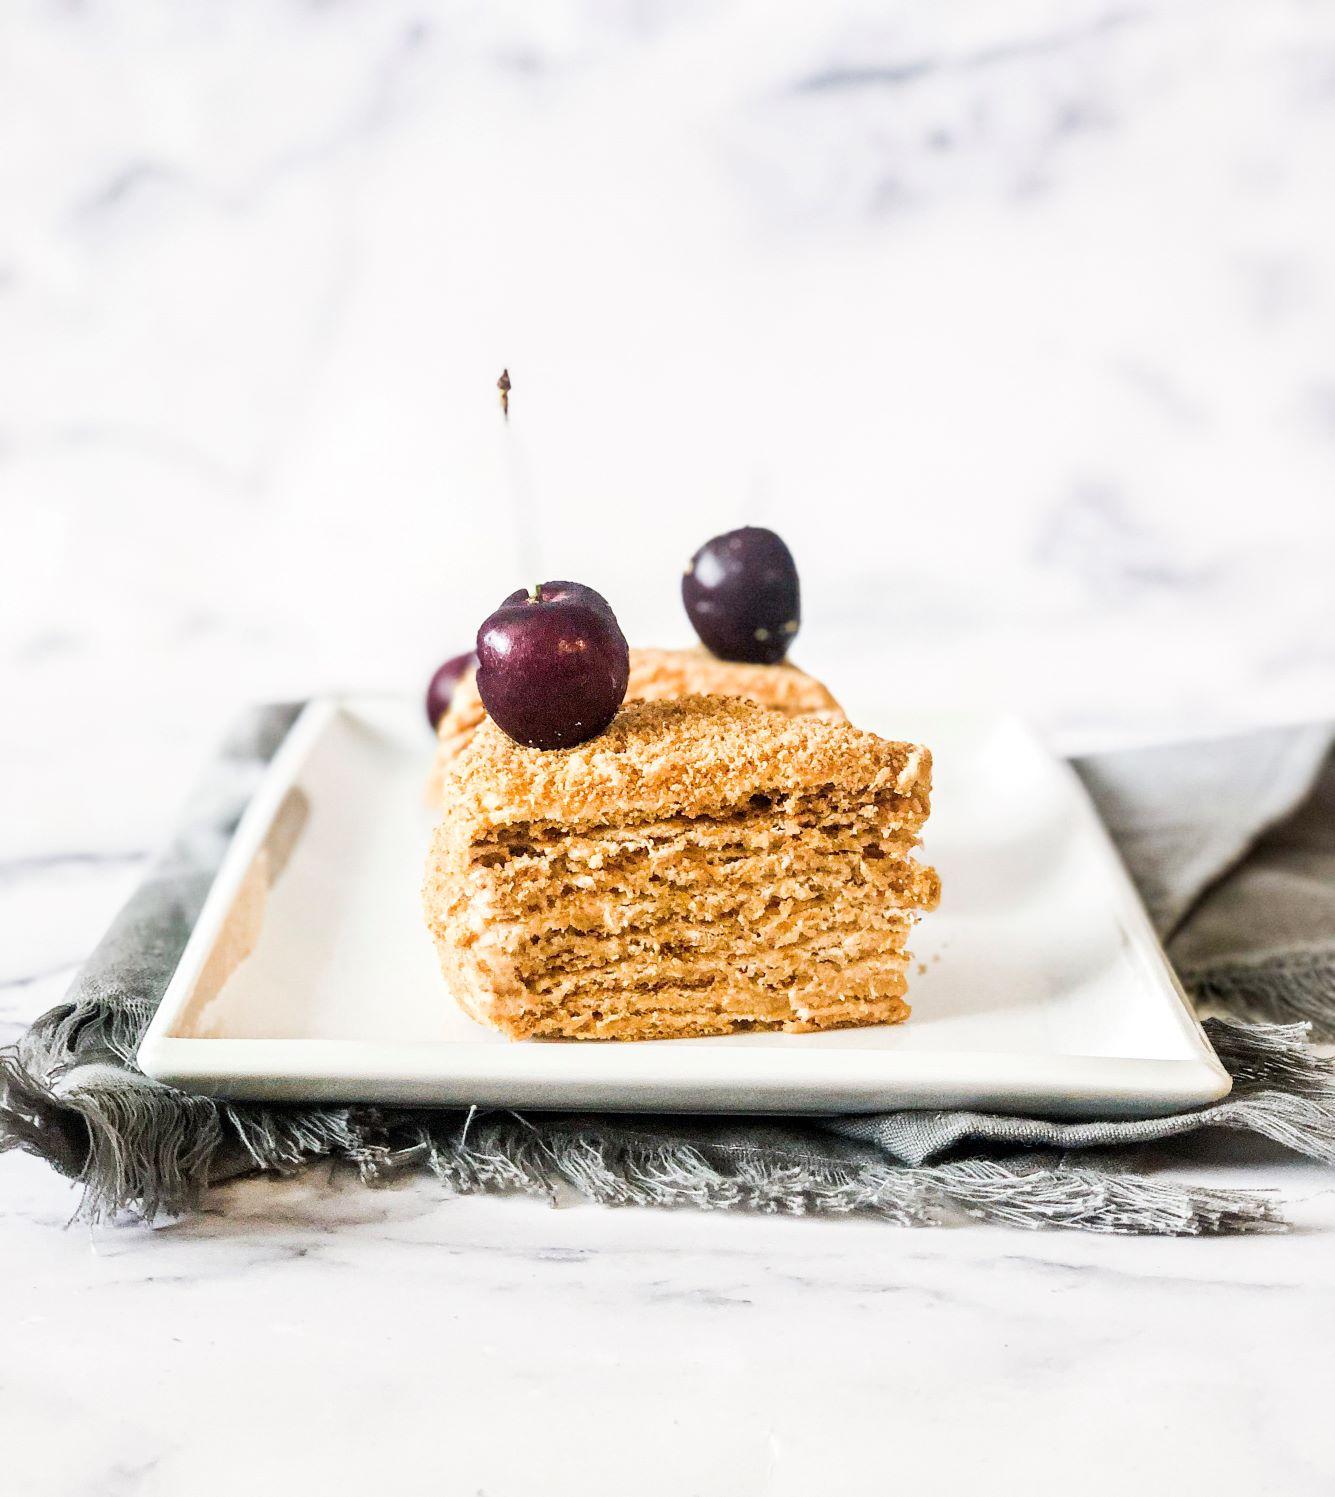 Honey cake (medovik(